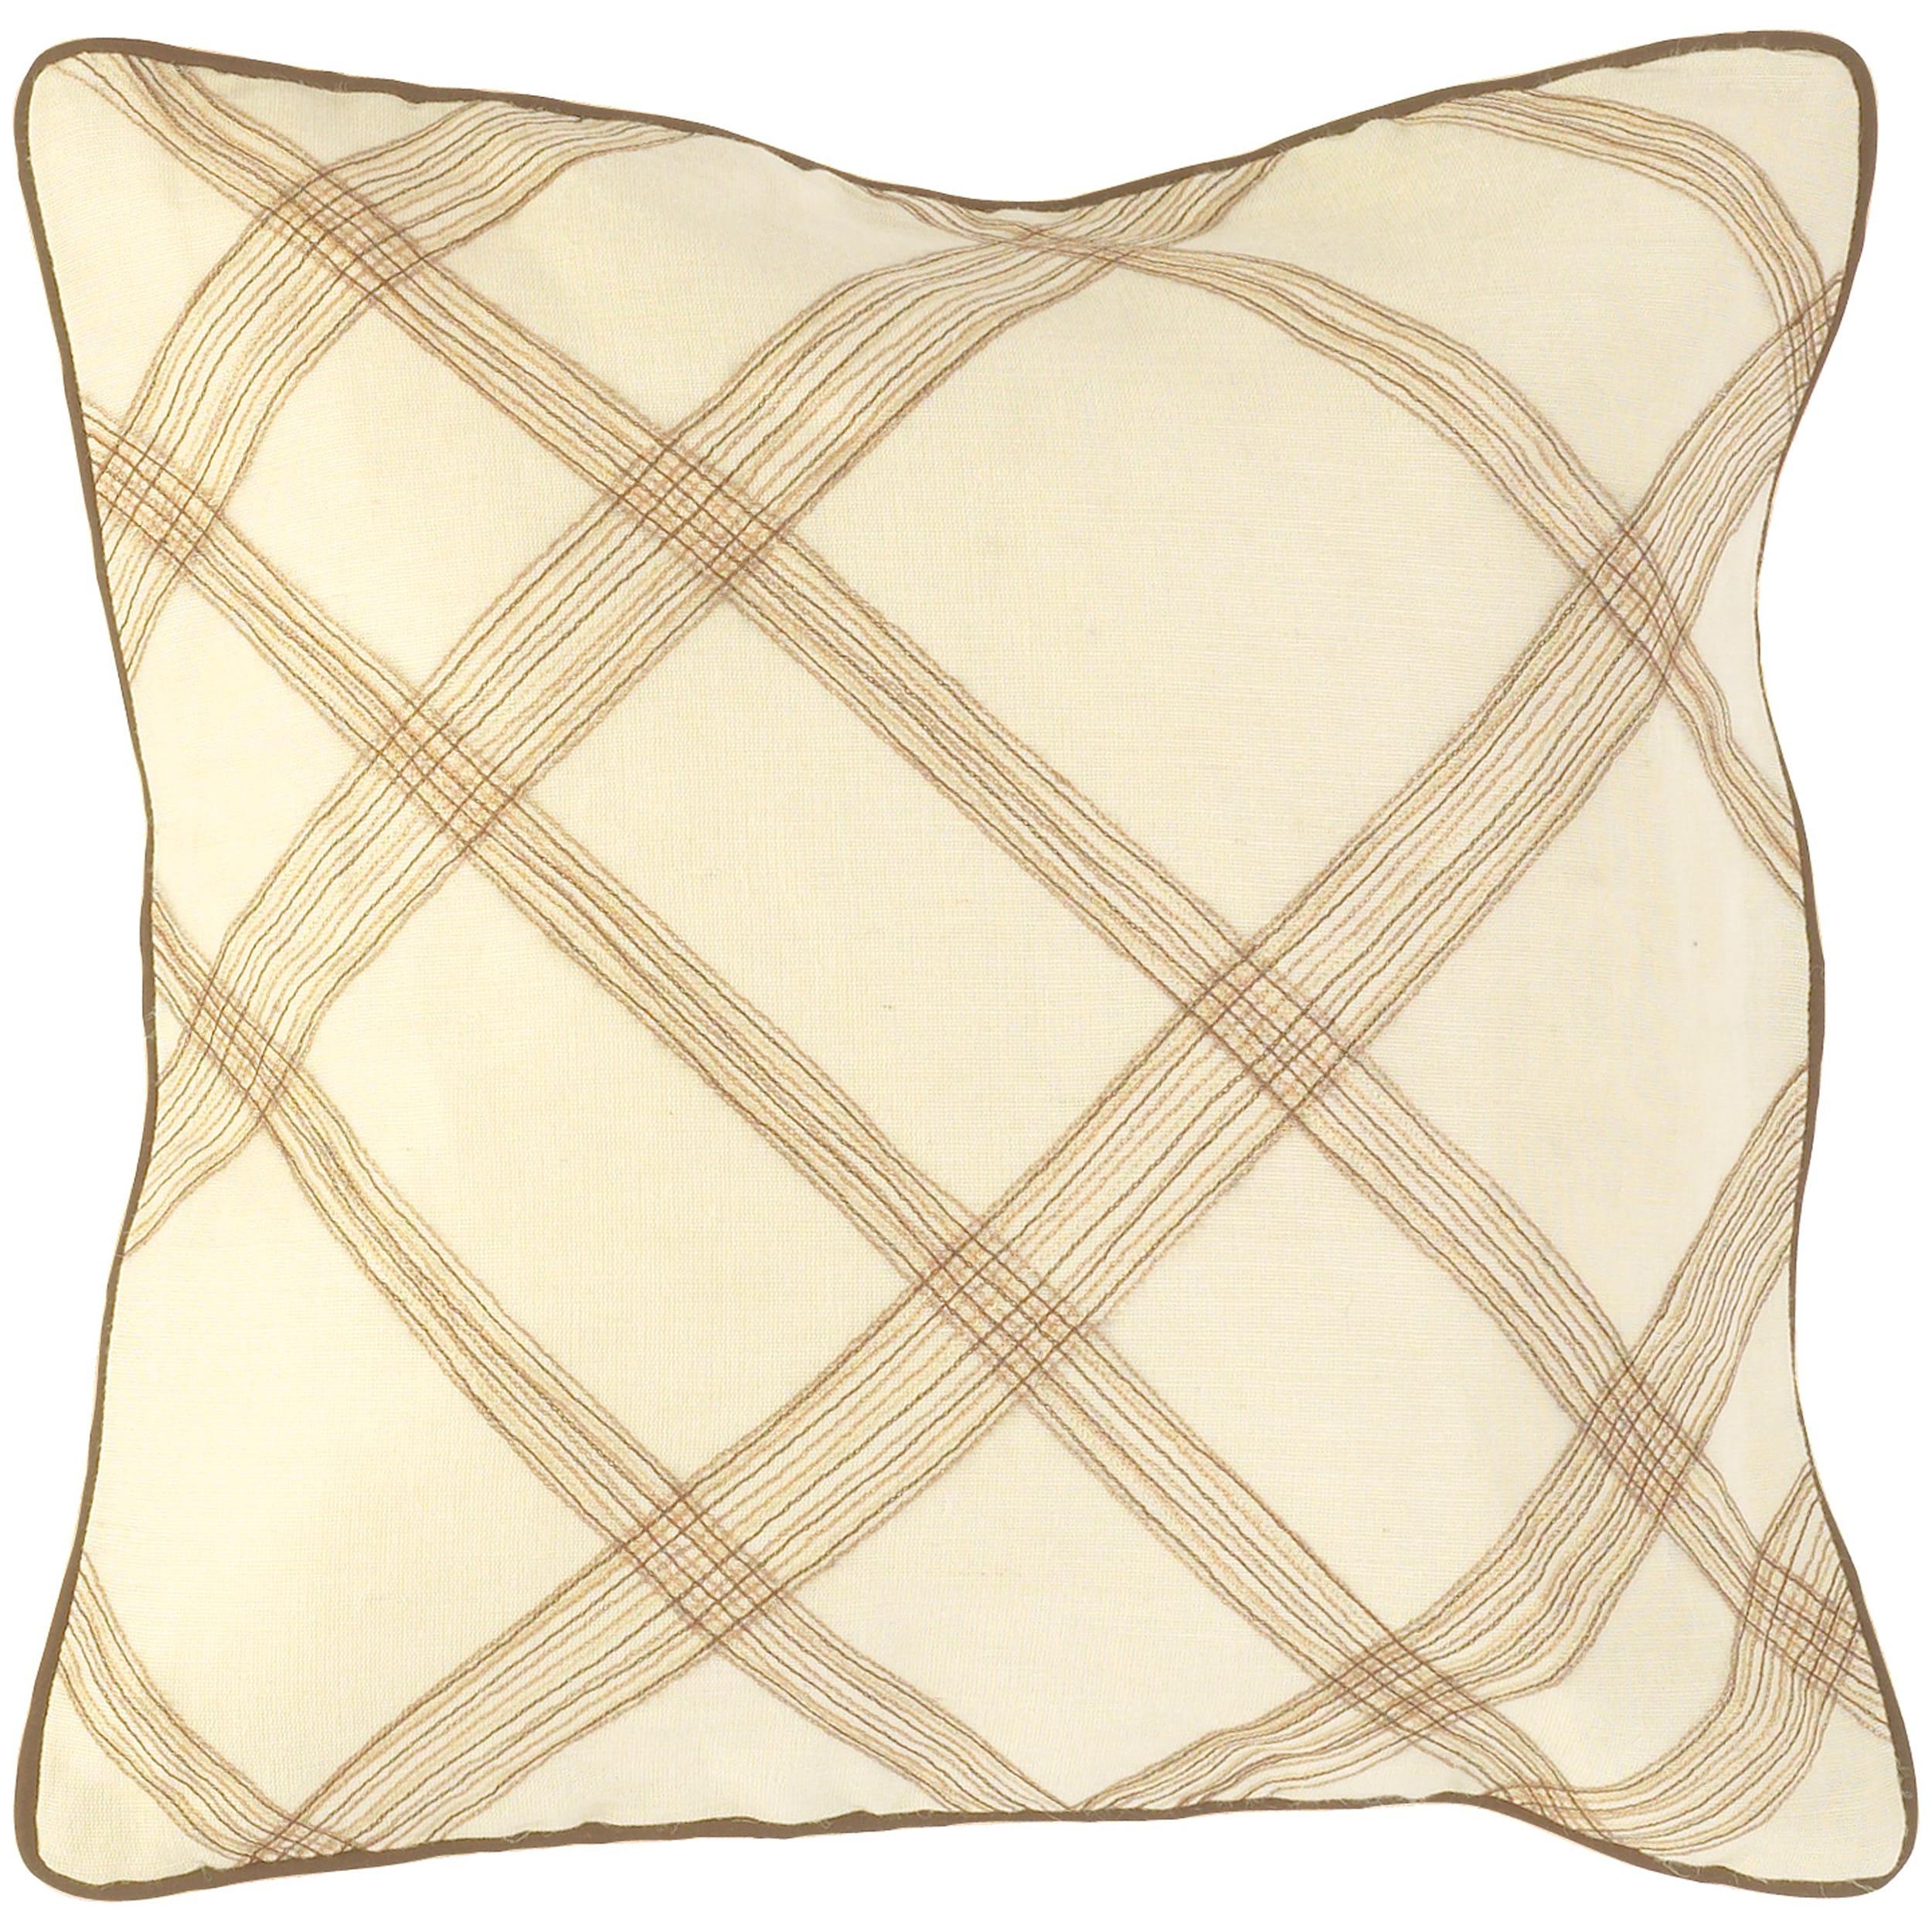 Cream 18-inch Down Decorative Pillow